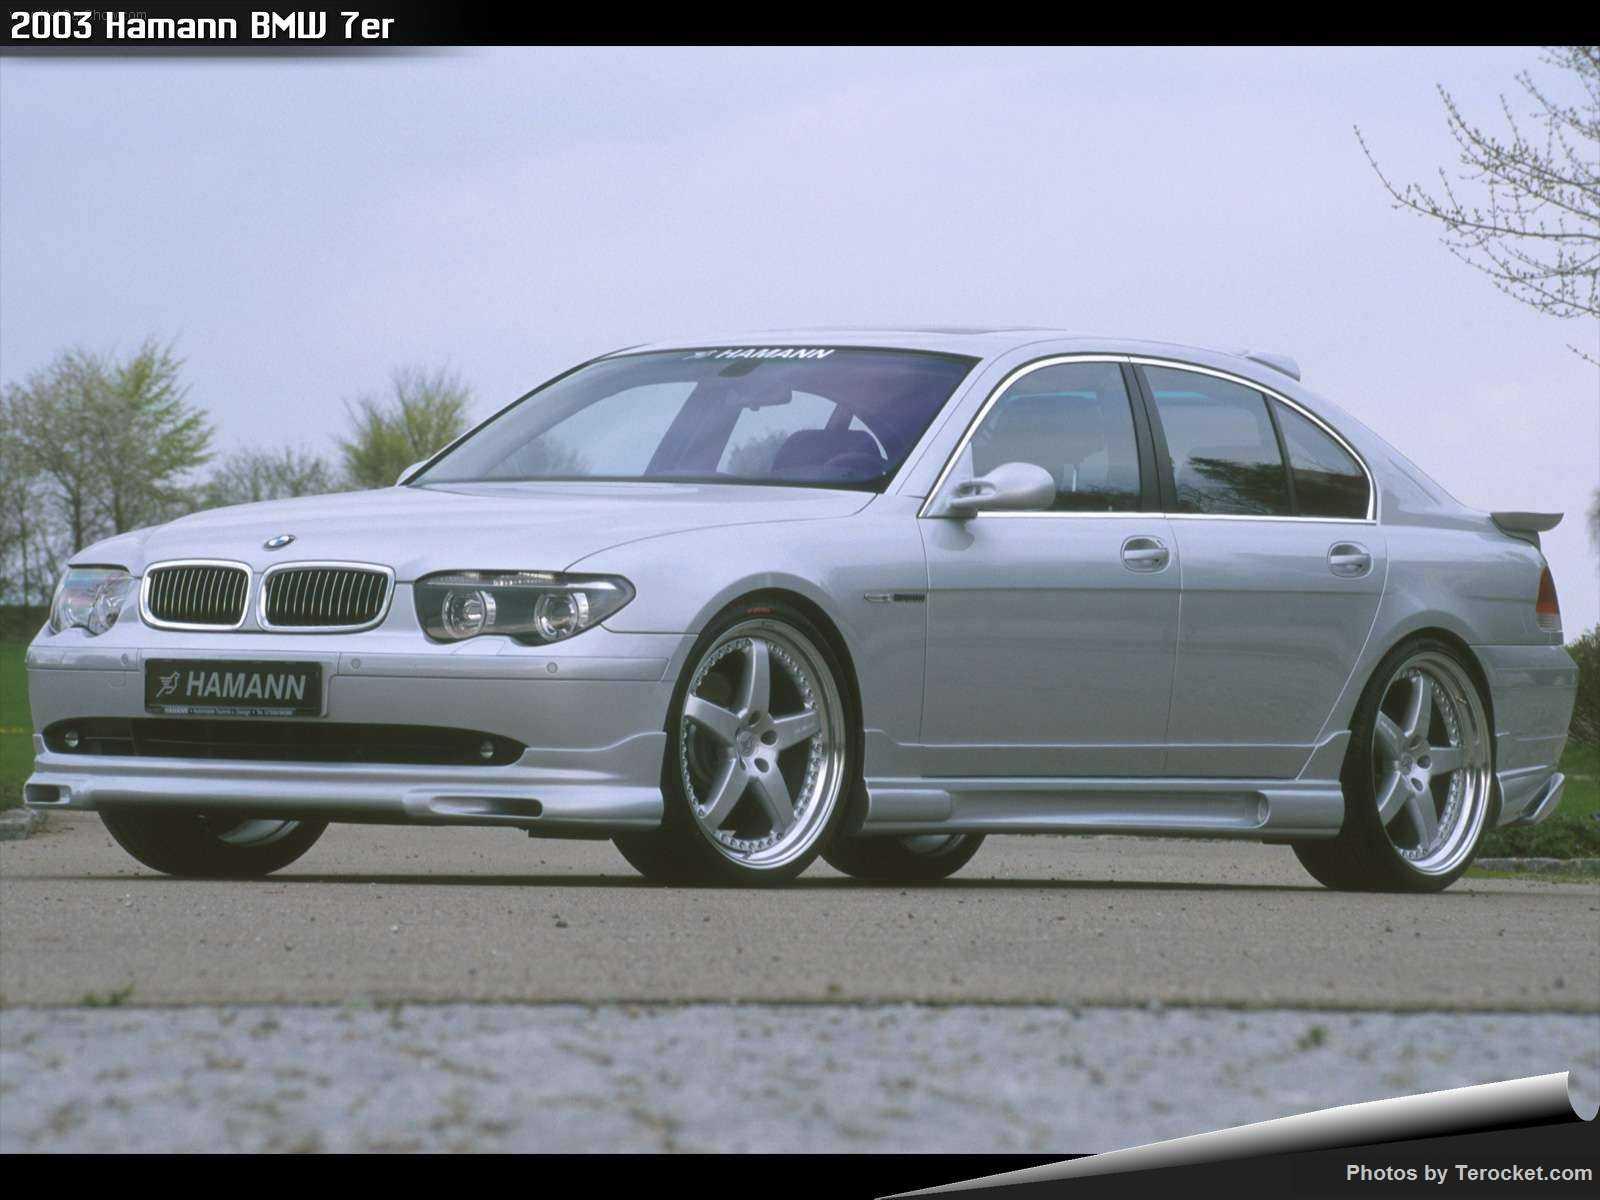 Hình ảnh xe ô tô Hamann BMW 7er 2003 & nội ngoại thất